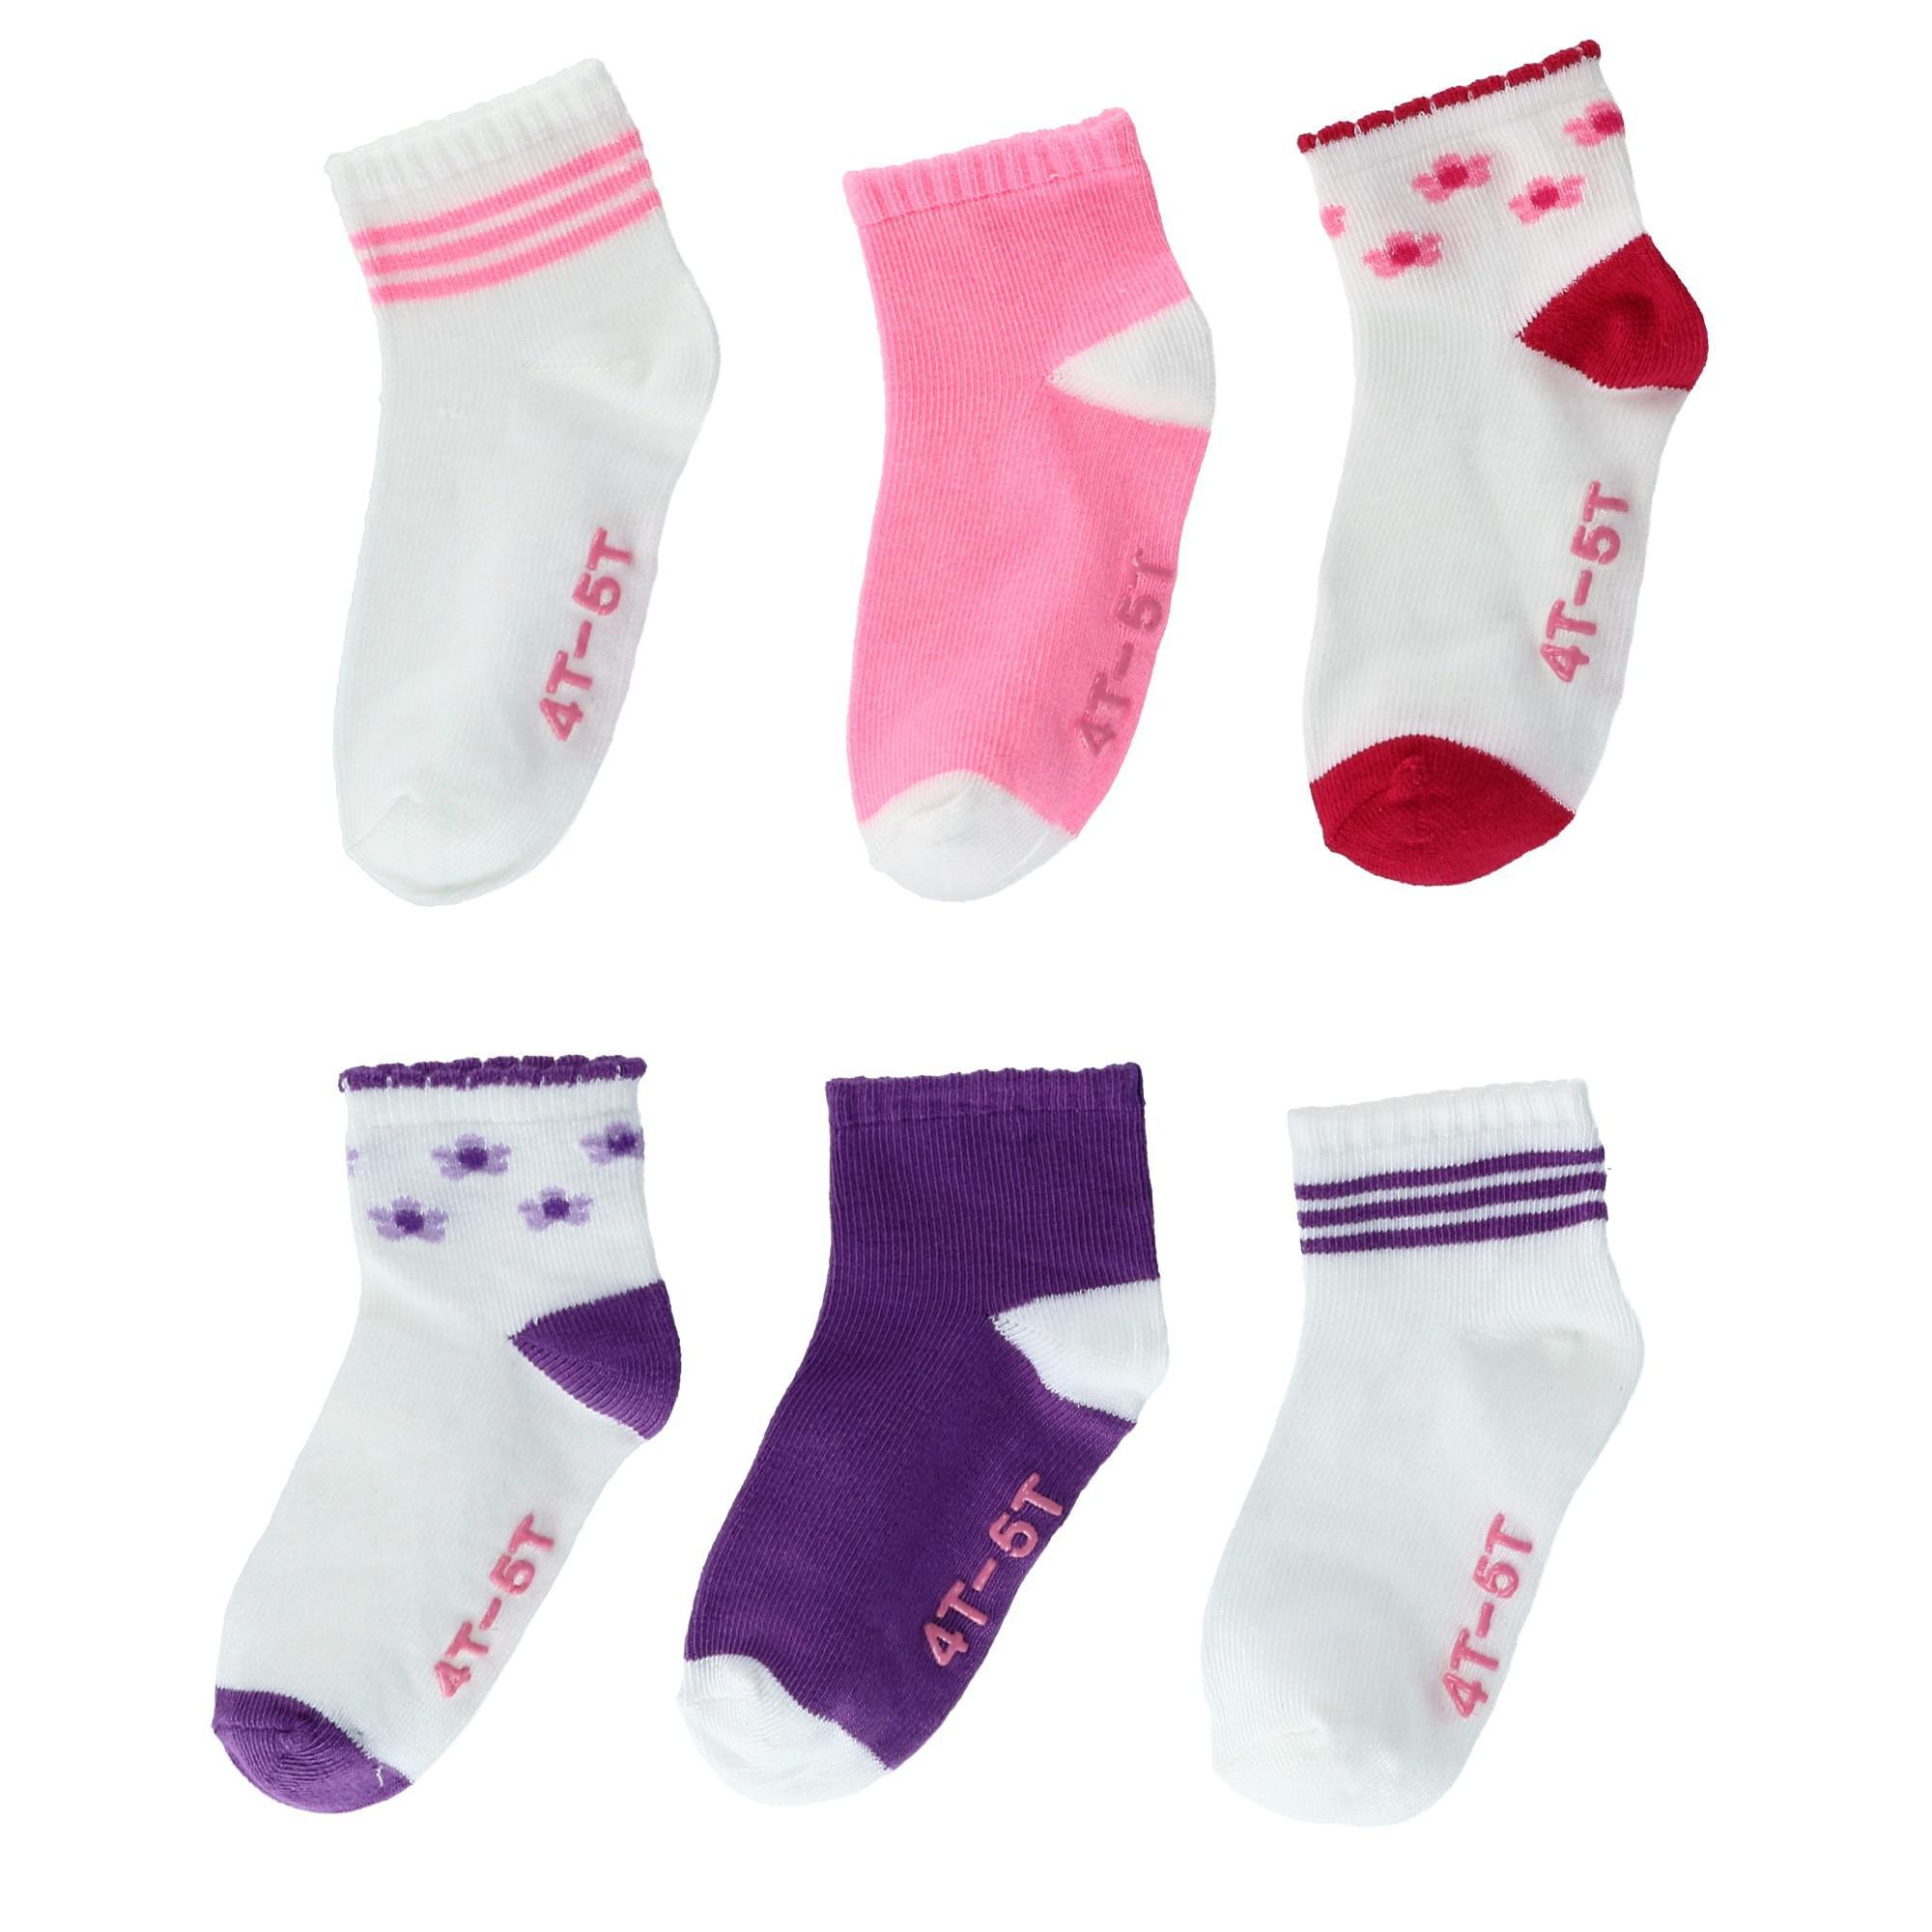 New Hanes Infant Toddler Non Slip Ankle Socks 6 Pair Pack